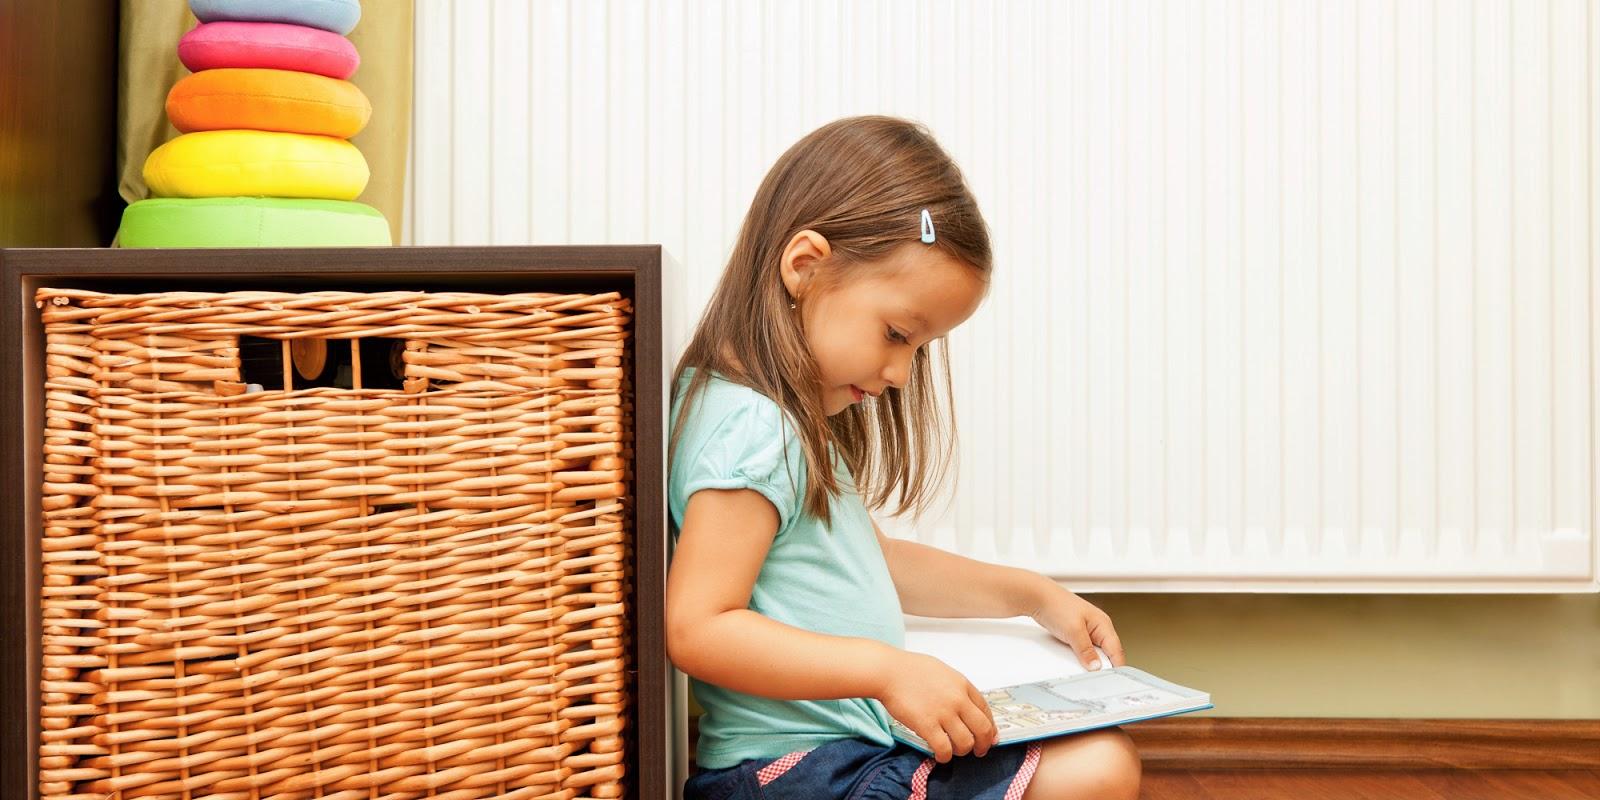 Gambar bayi baca buku online